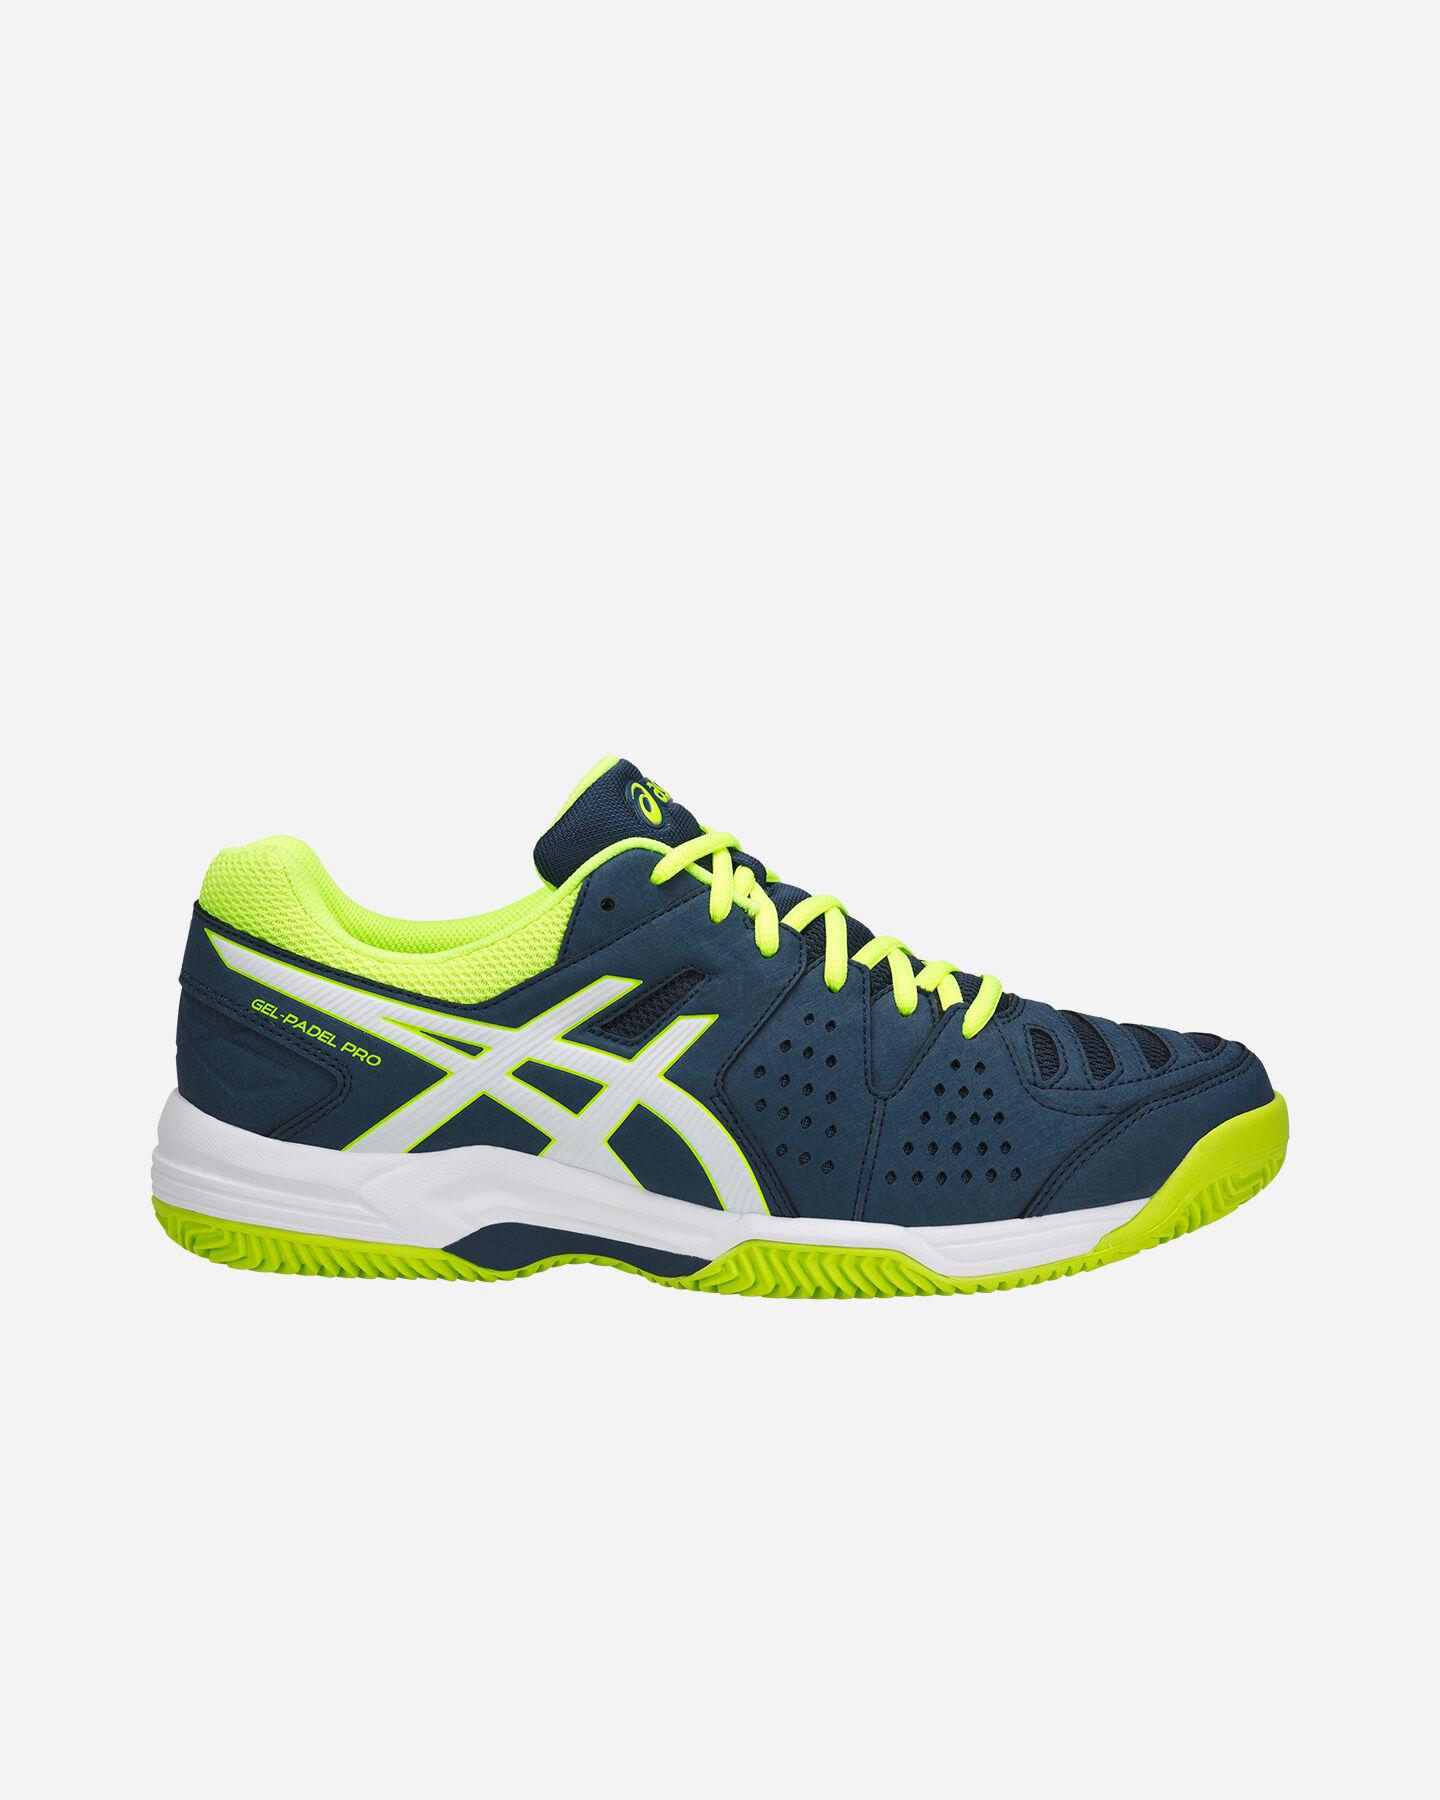 scarpa tennis asics